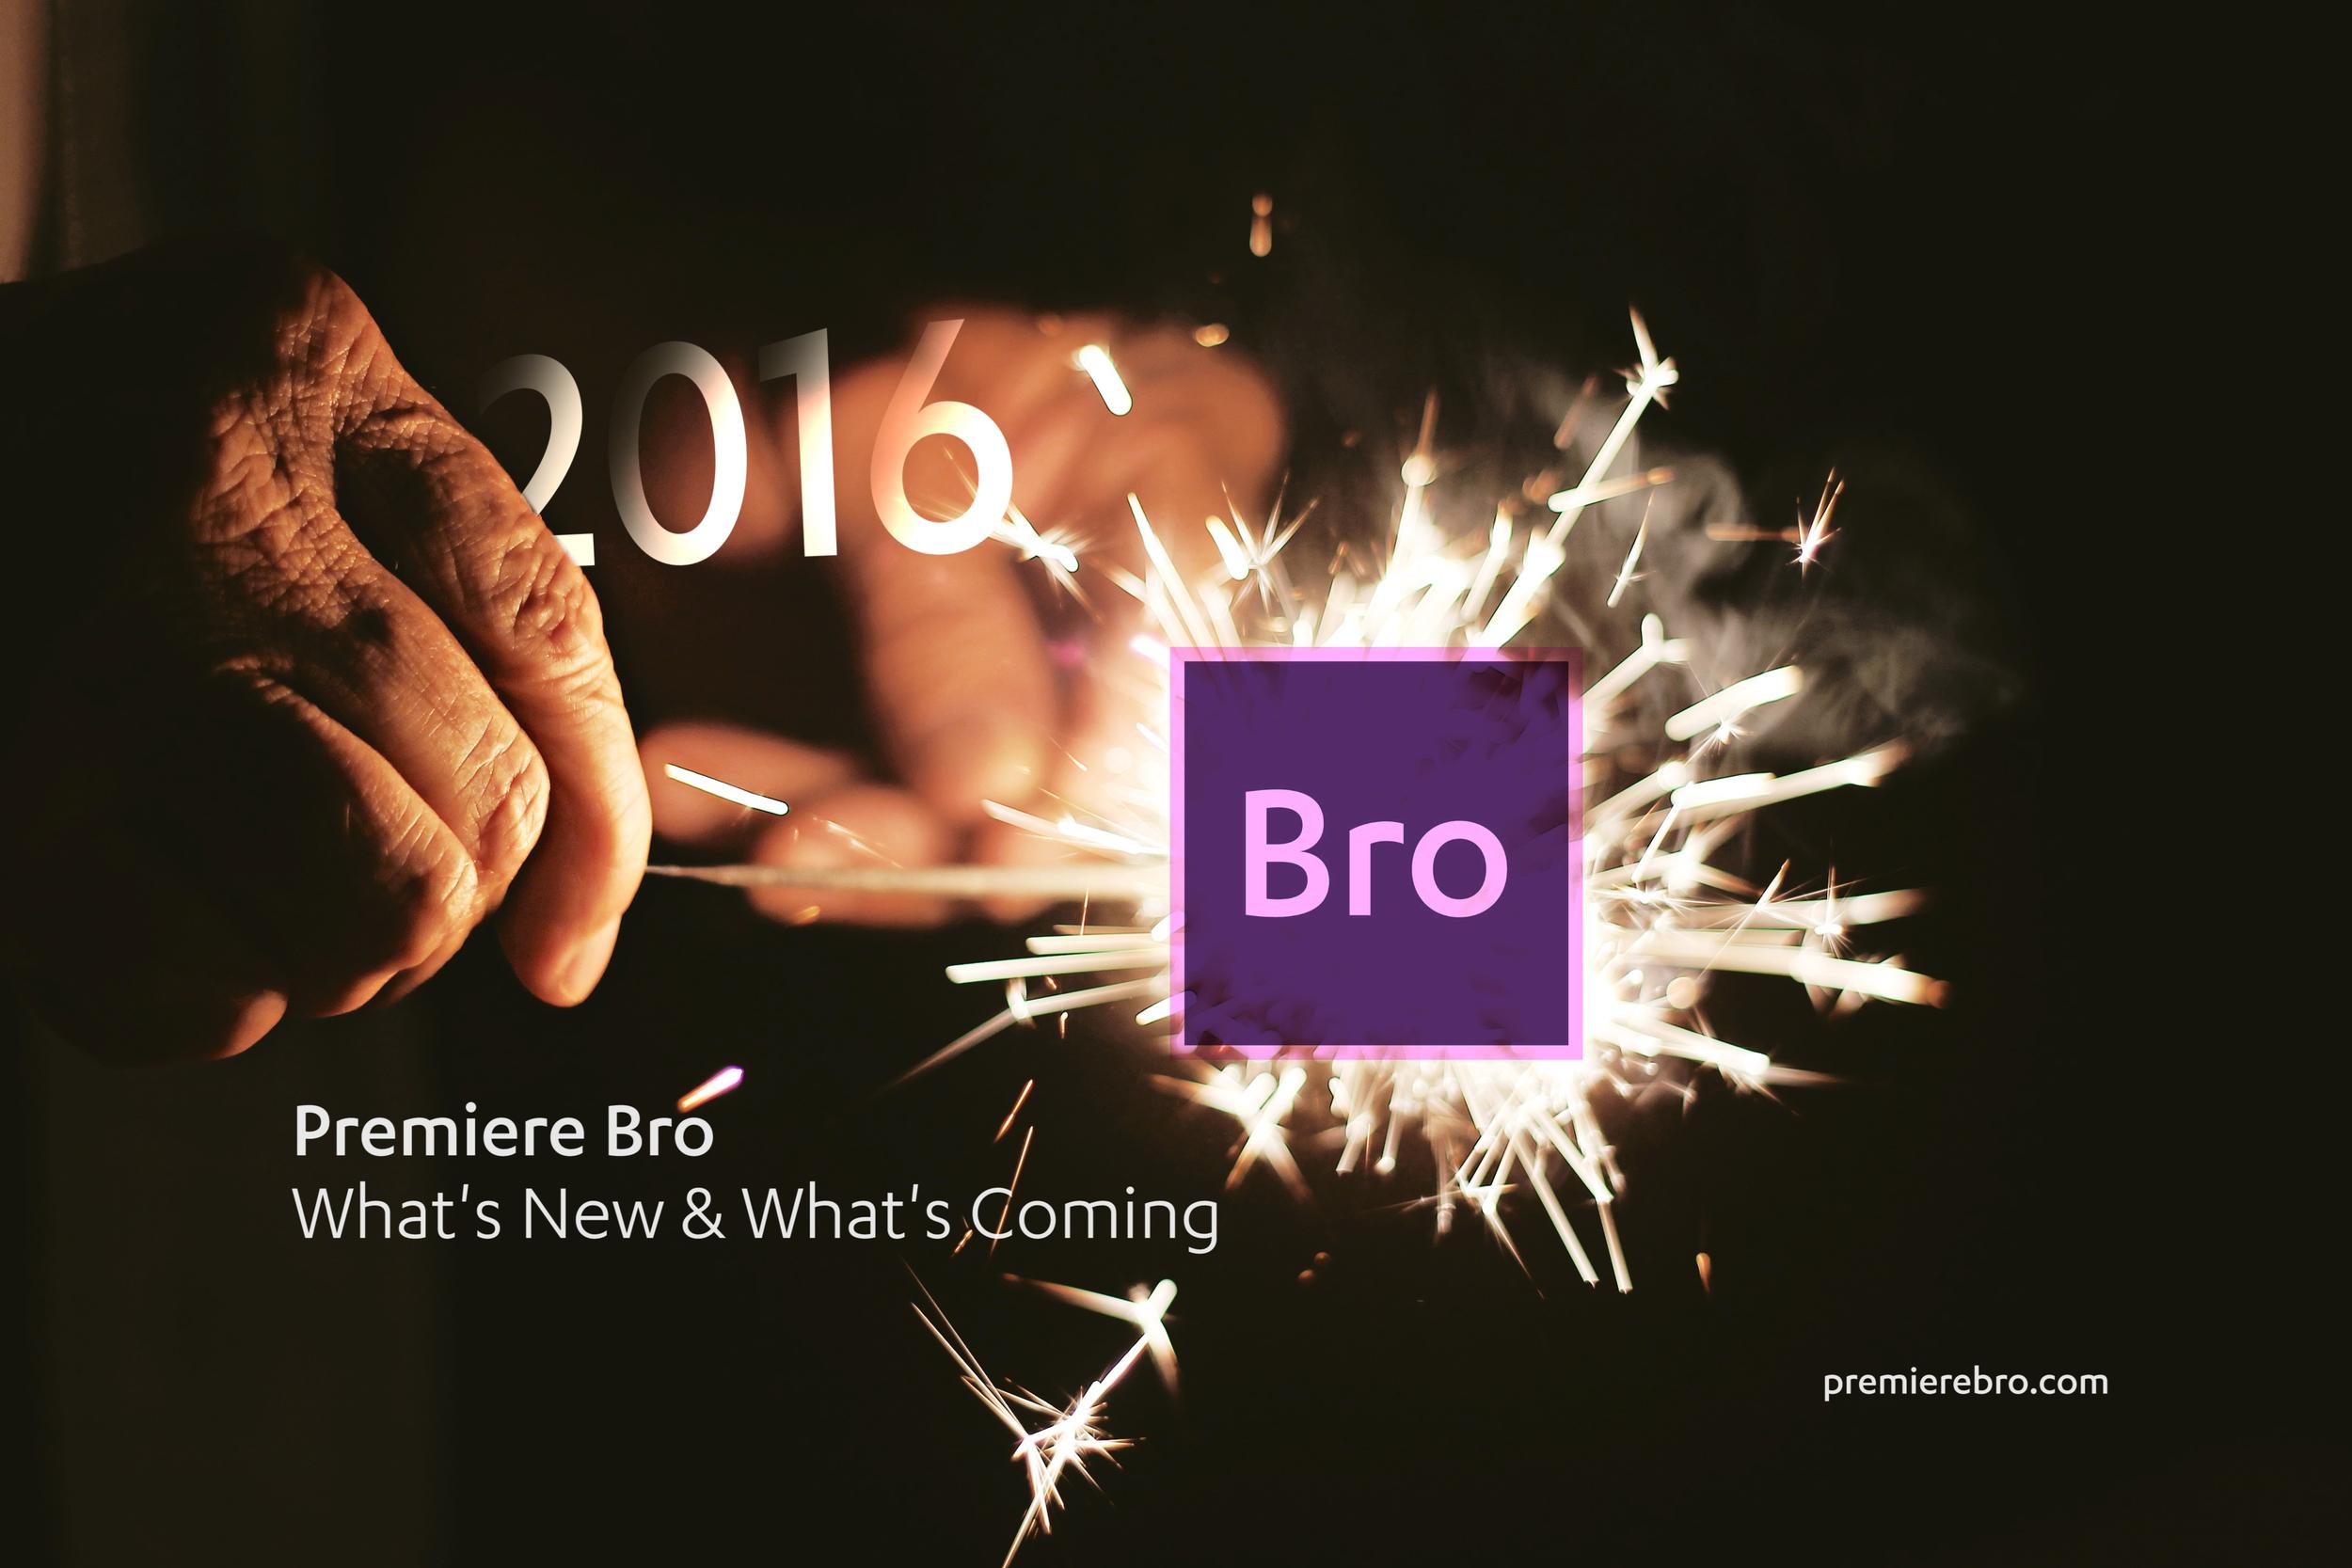 Premiere Bro 2016